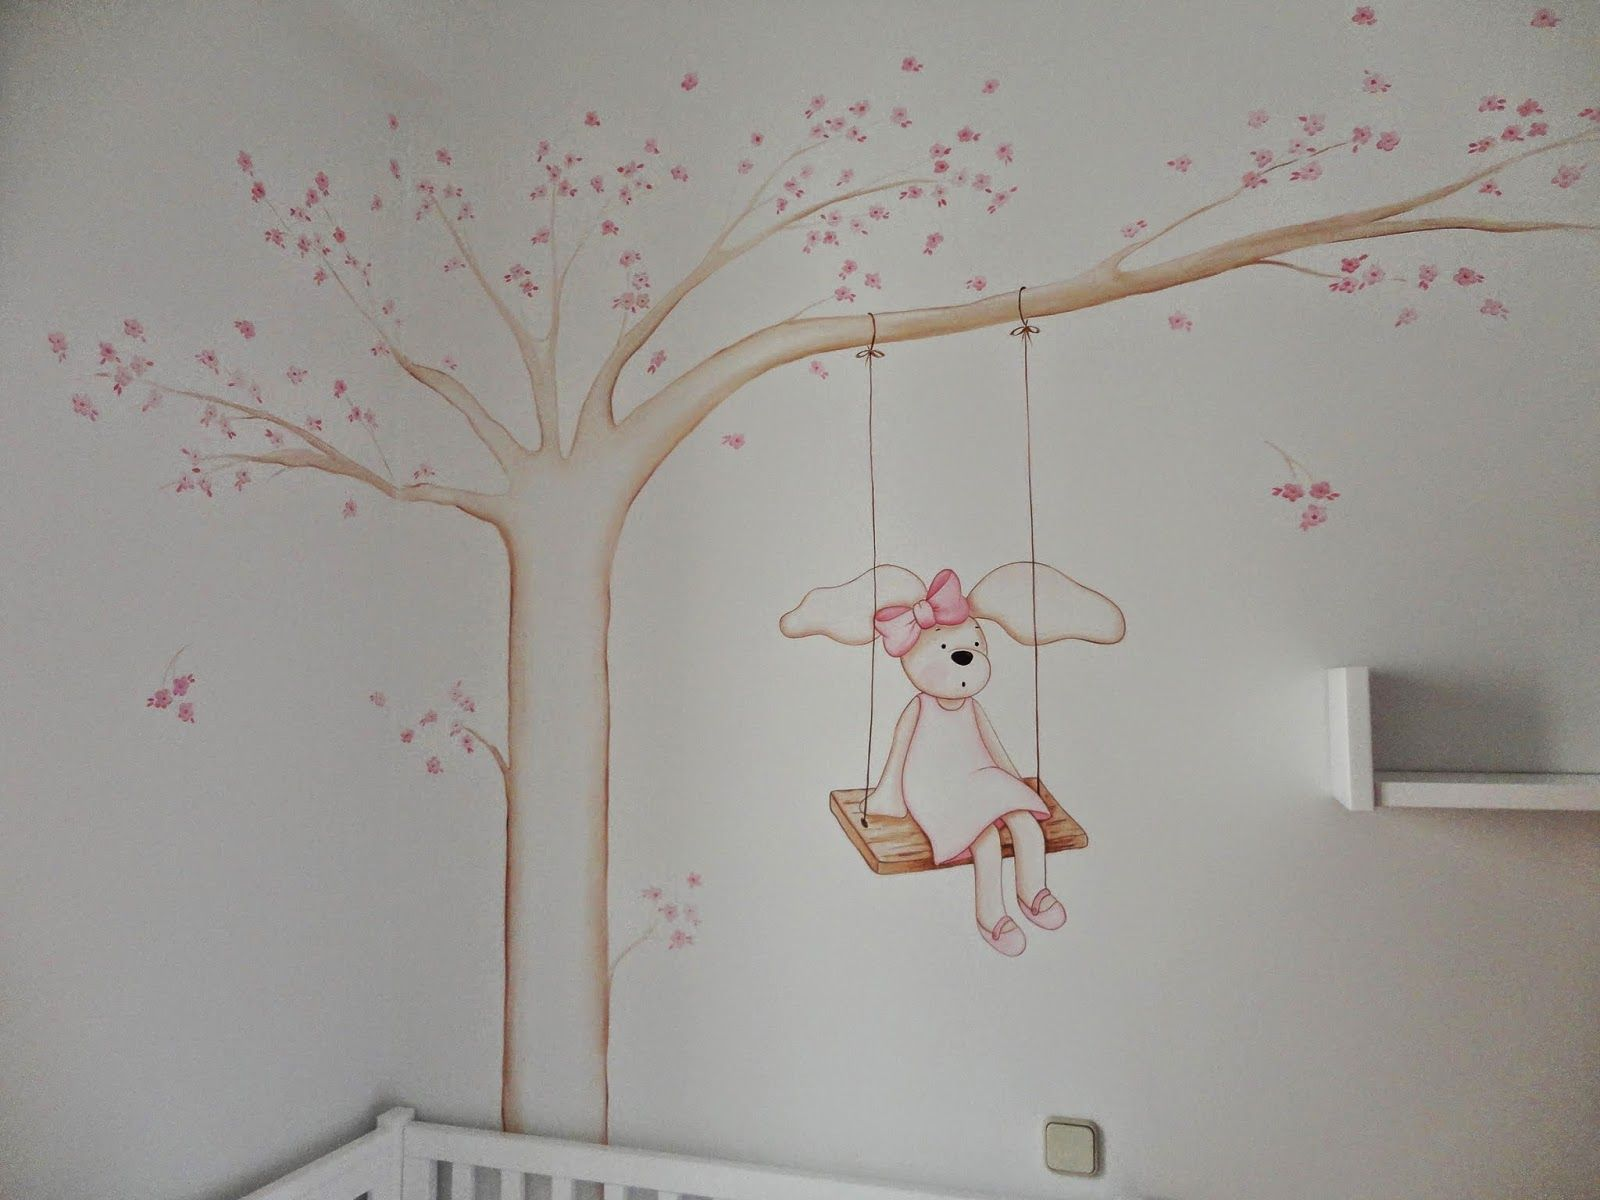 Plantillas para decorar habitaciones de bebes buscar con - Decorar habitaciones de bebe ...